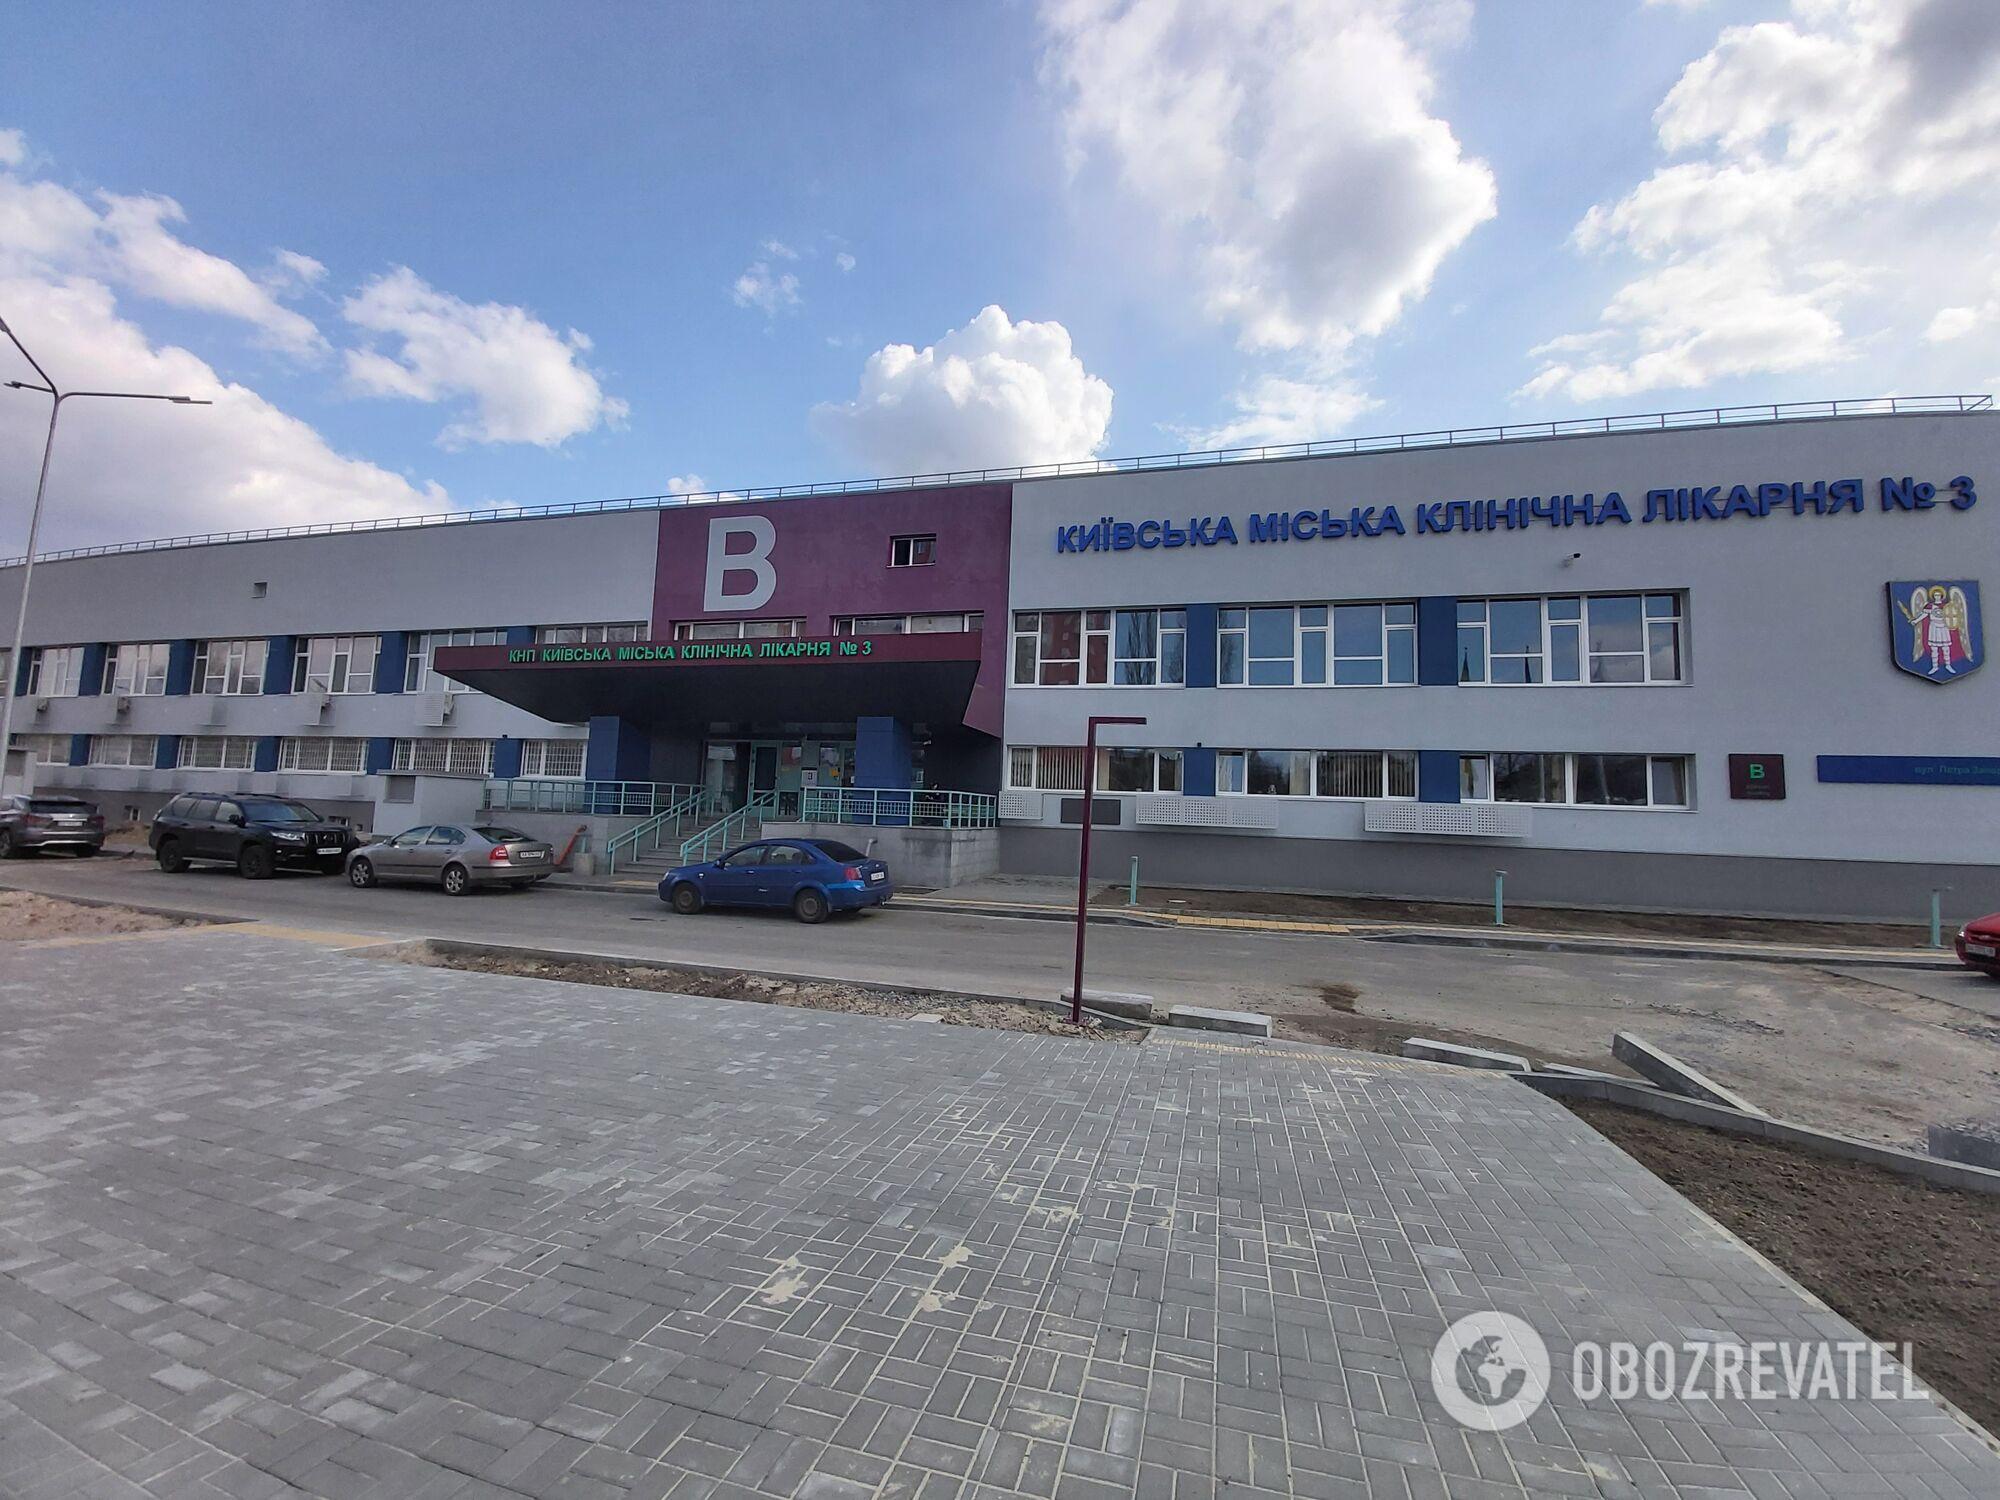 Киевская городская клиническая больница №3.